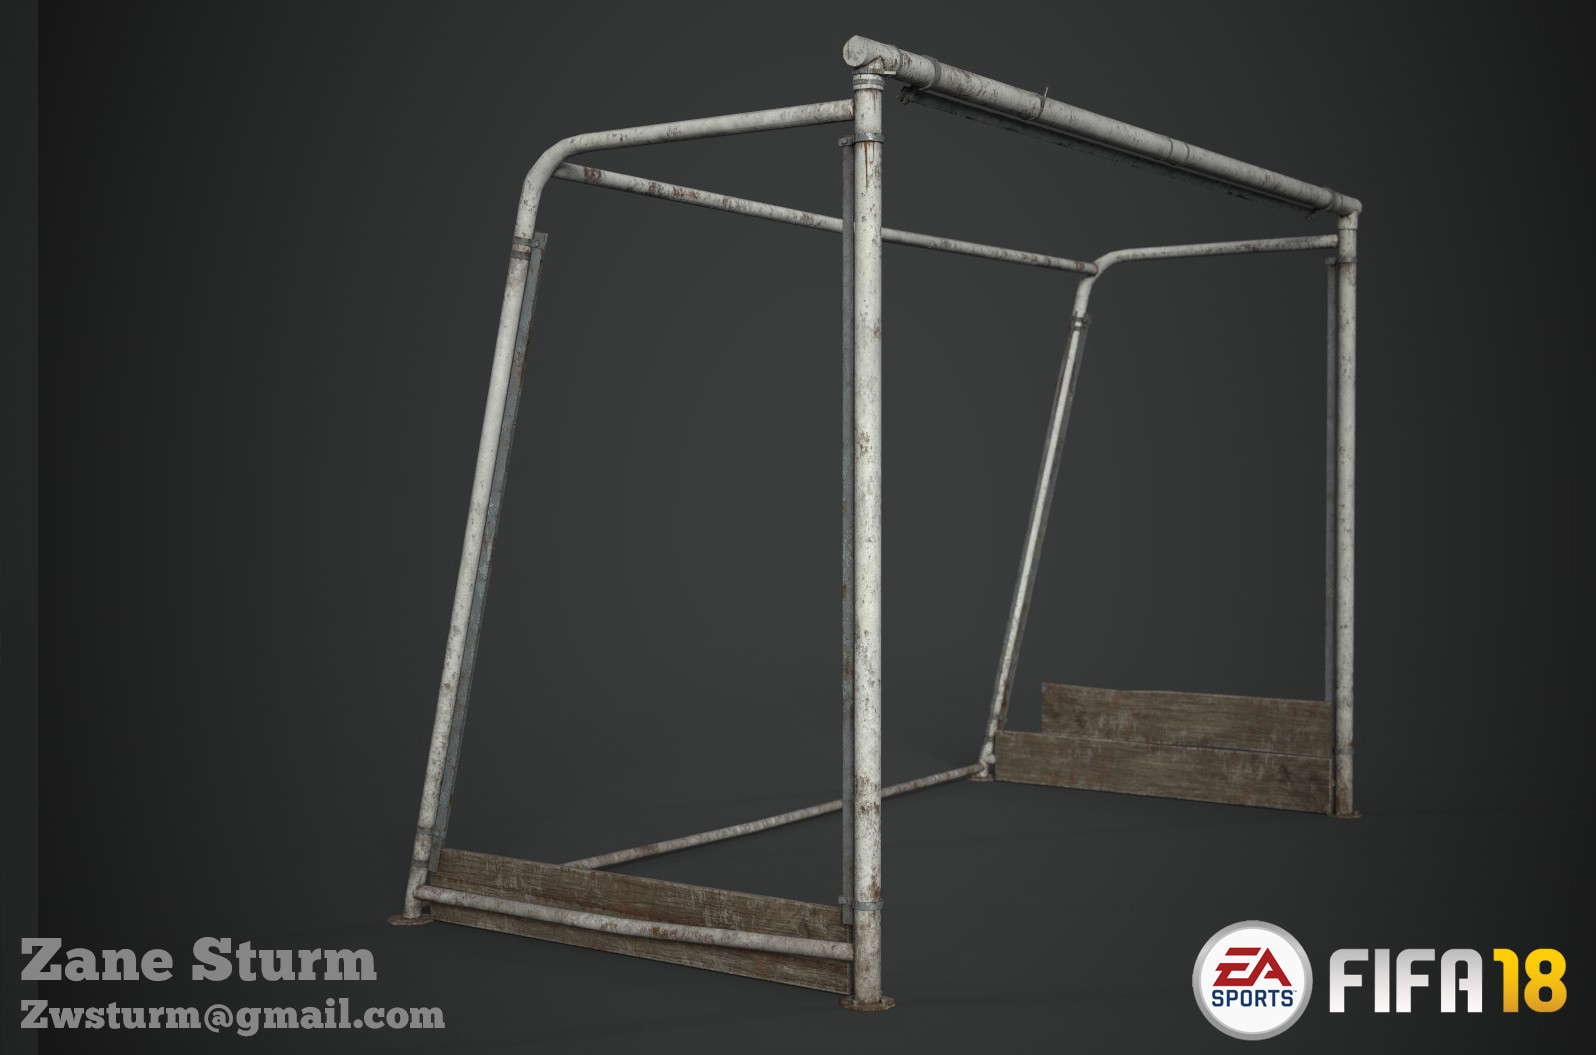 Zane sturm favela goal post